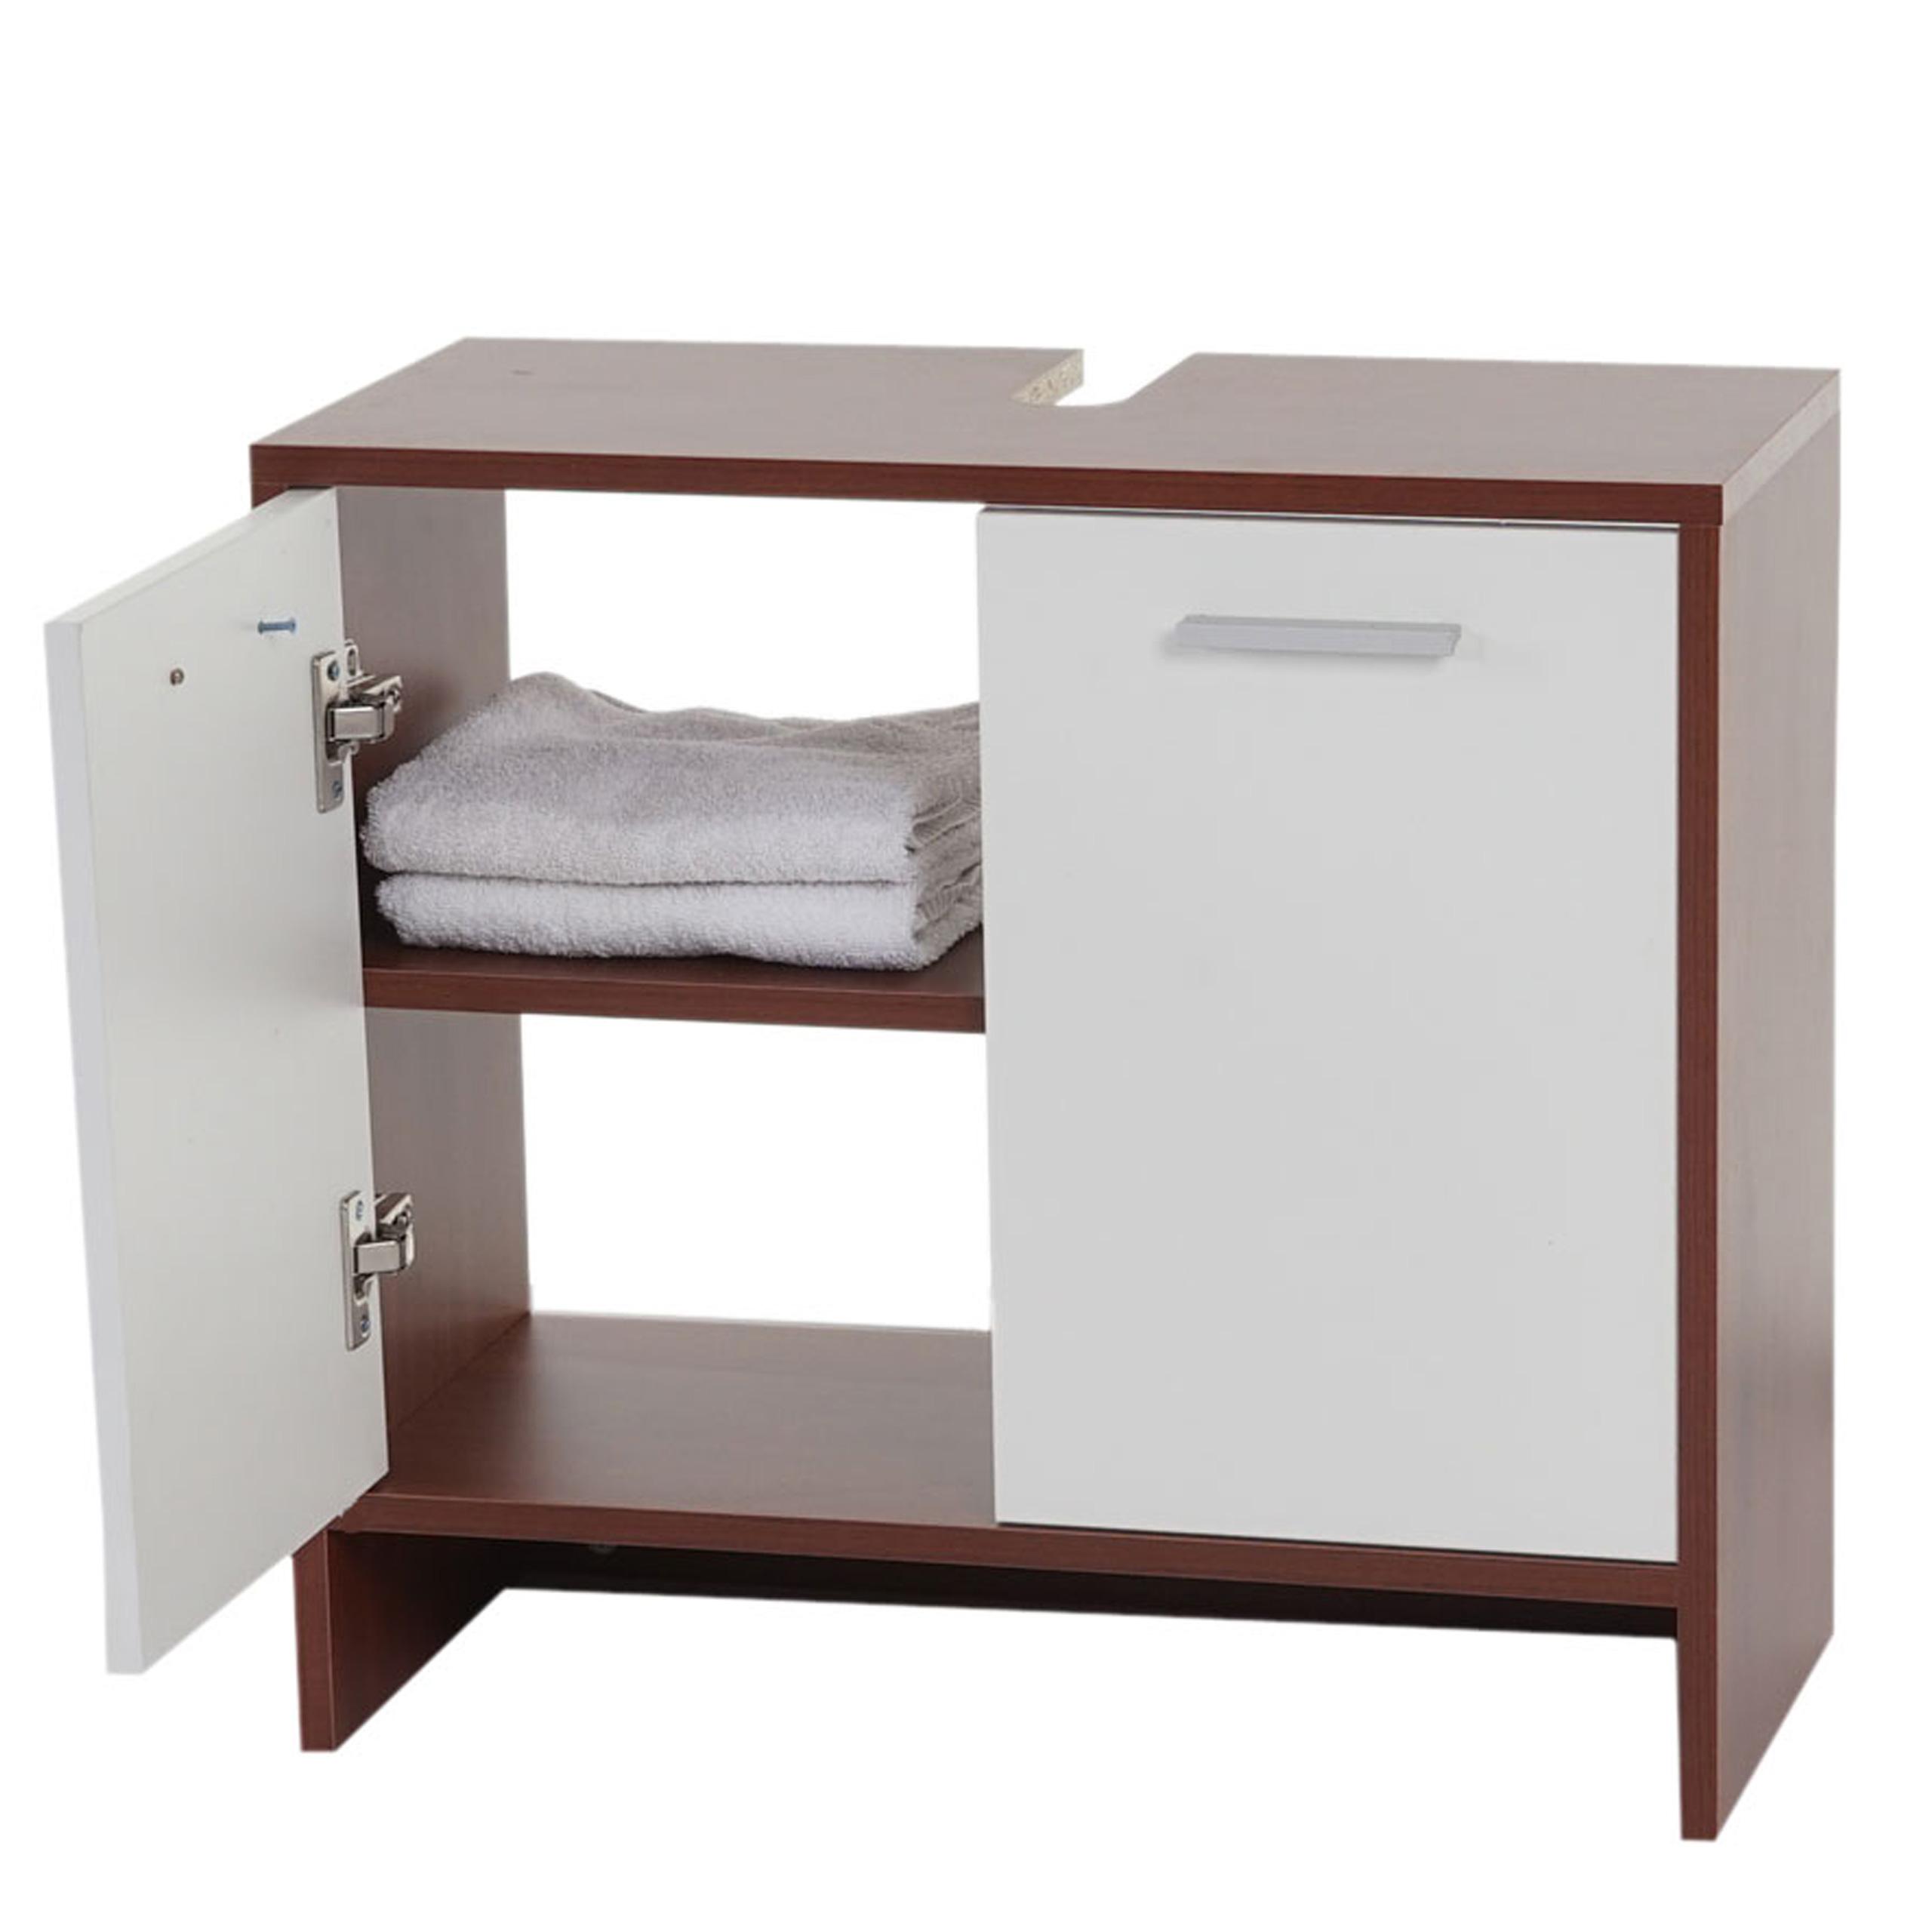 waschbeckenunterschrank arezzo badschrank 56x60x28cm braun t ren wei. Black Bedroom Furniture Sets. Home Design Ideas